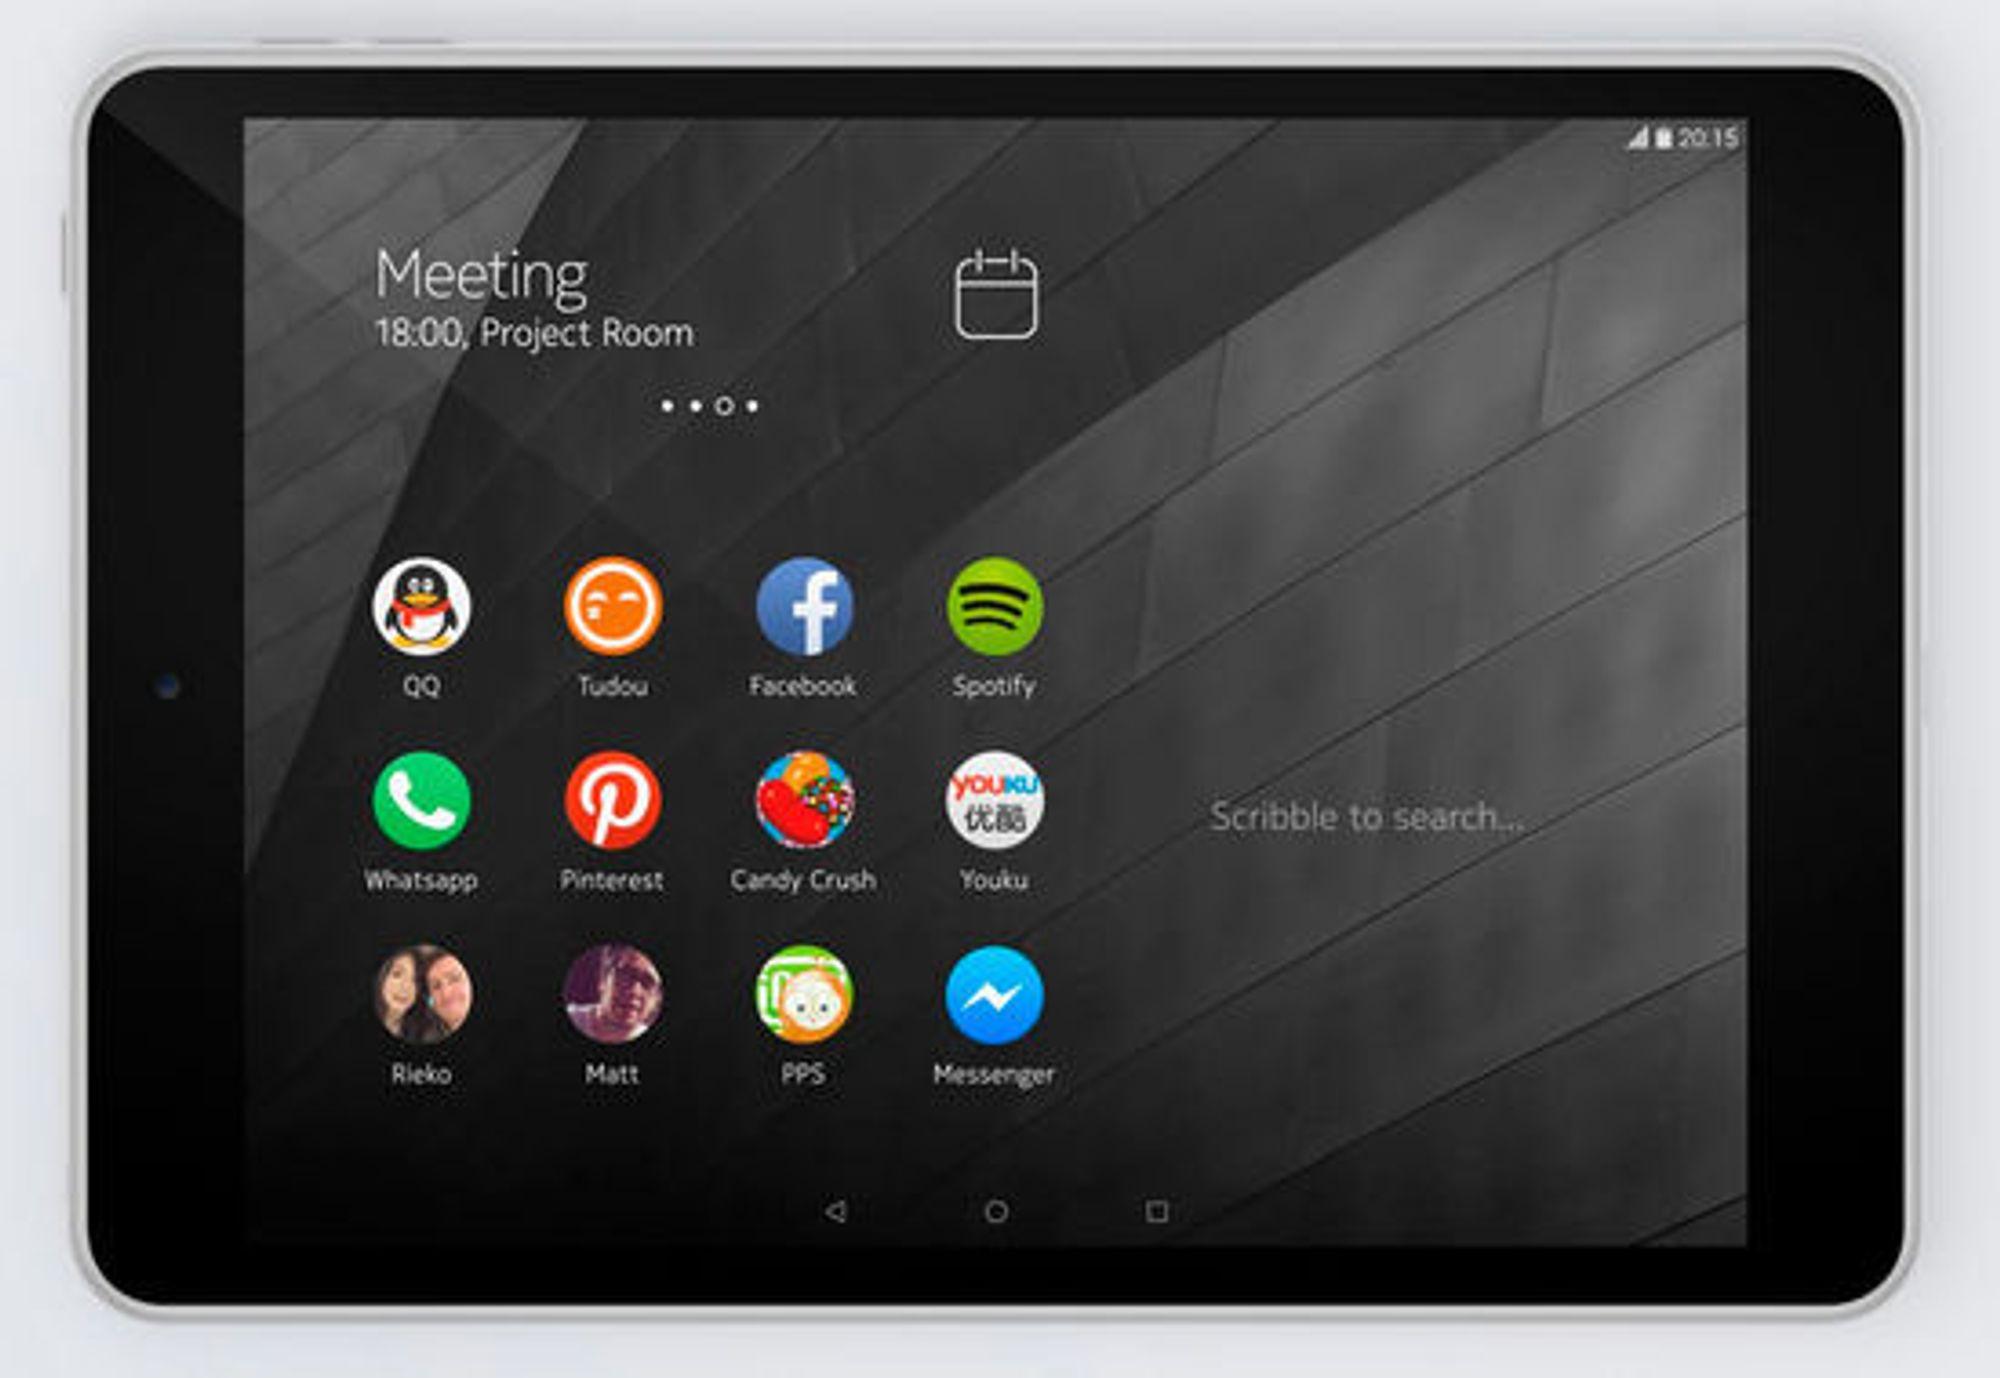 Operativsystemet er Android 5, med et eget Nokia-grensesnitt.